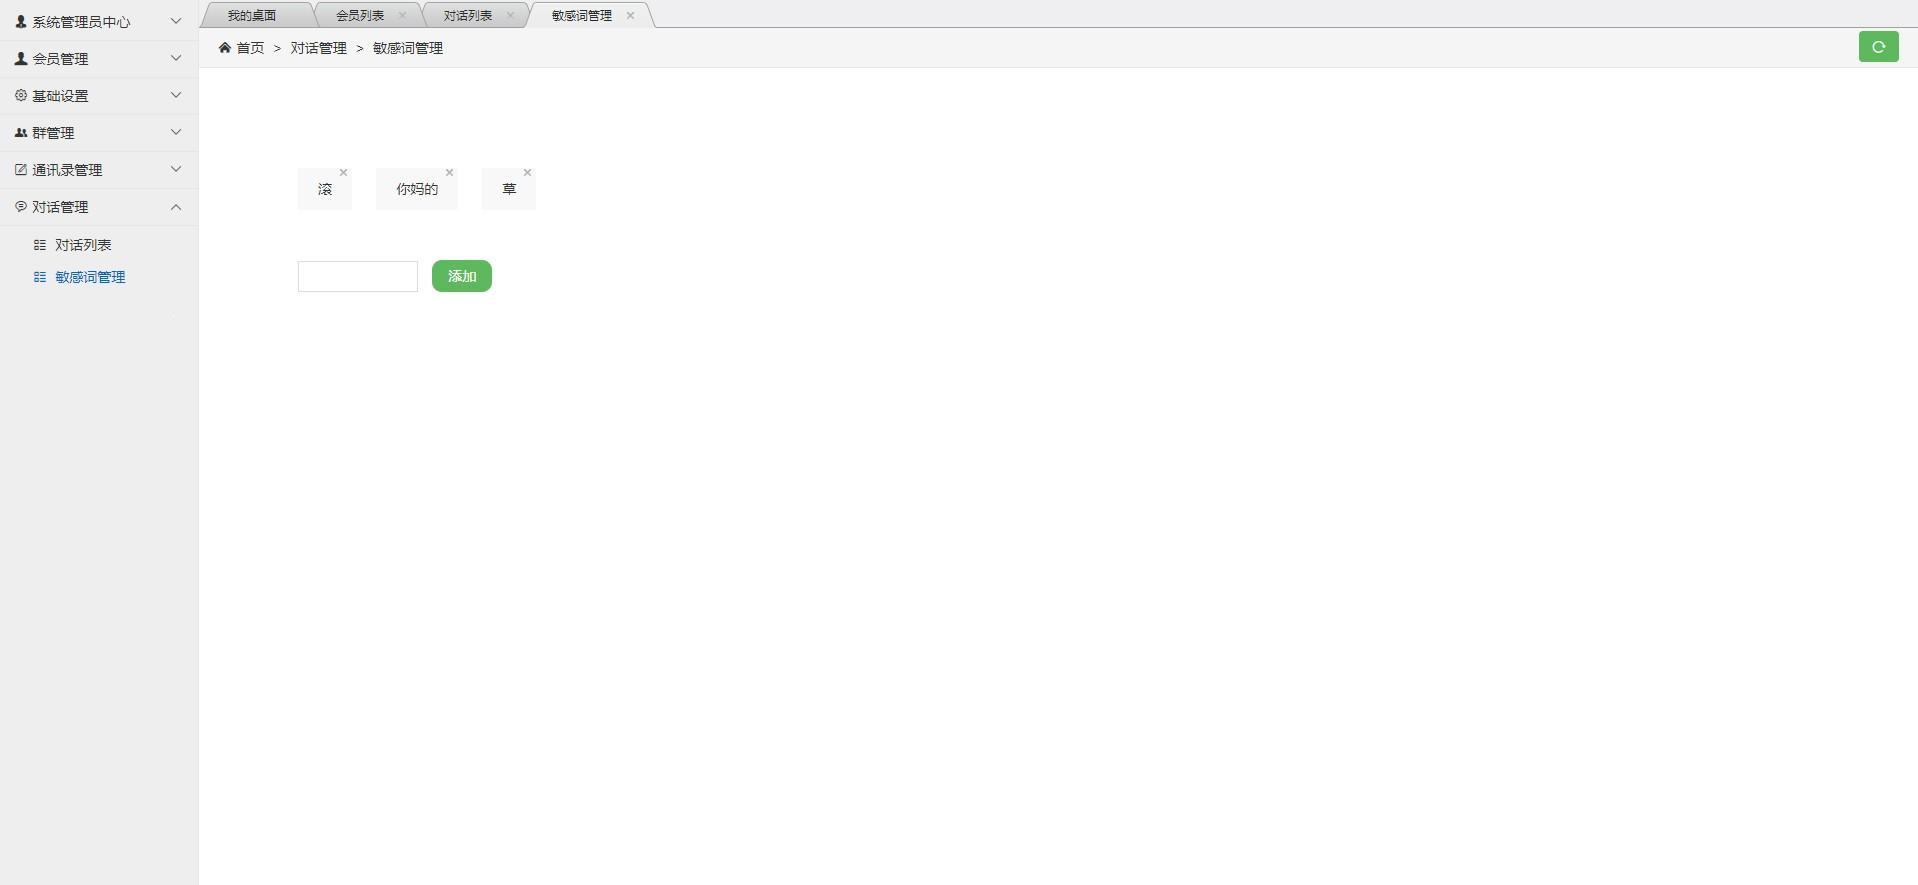 【微聊修复版系统】2020.06末更新微聊聊天源码/原生APP/带教程/带机器人+基础安装说明-找主题源码